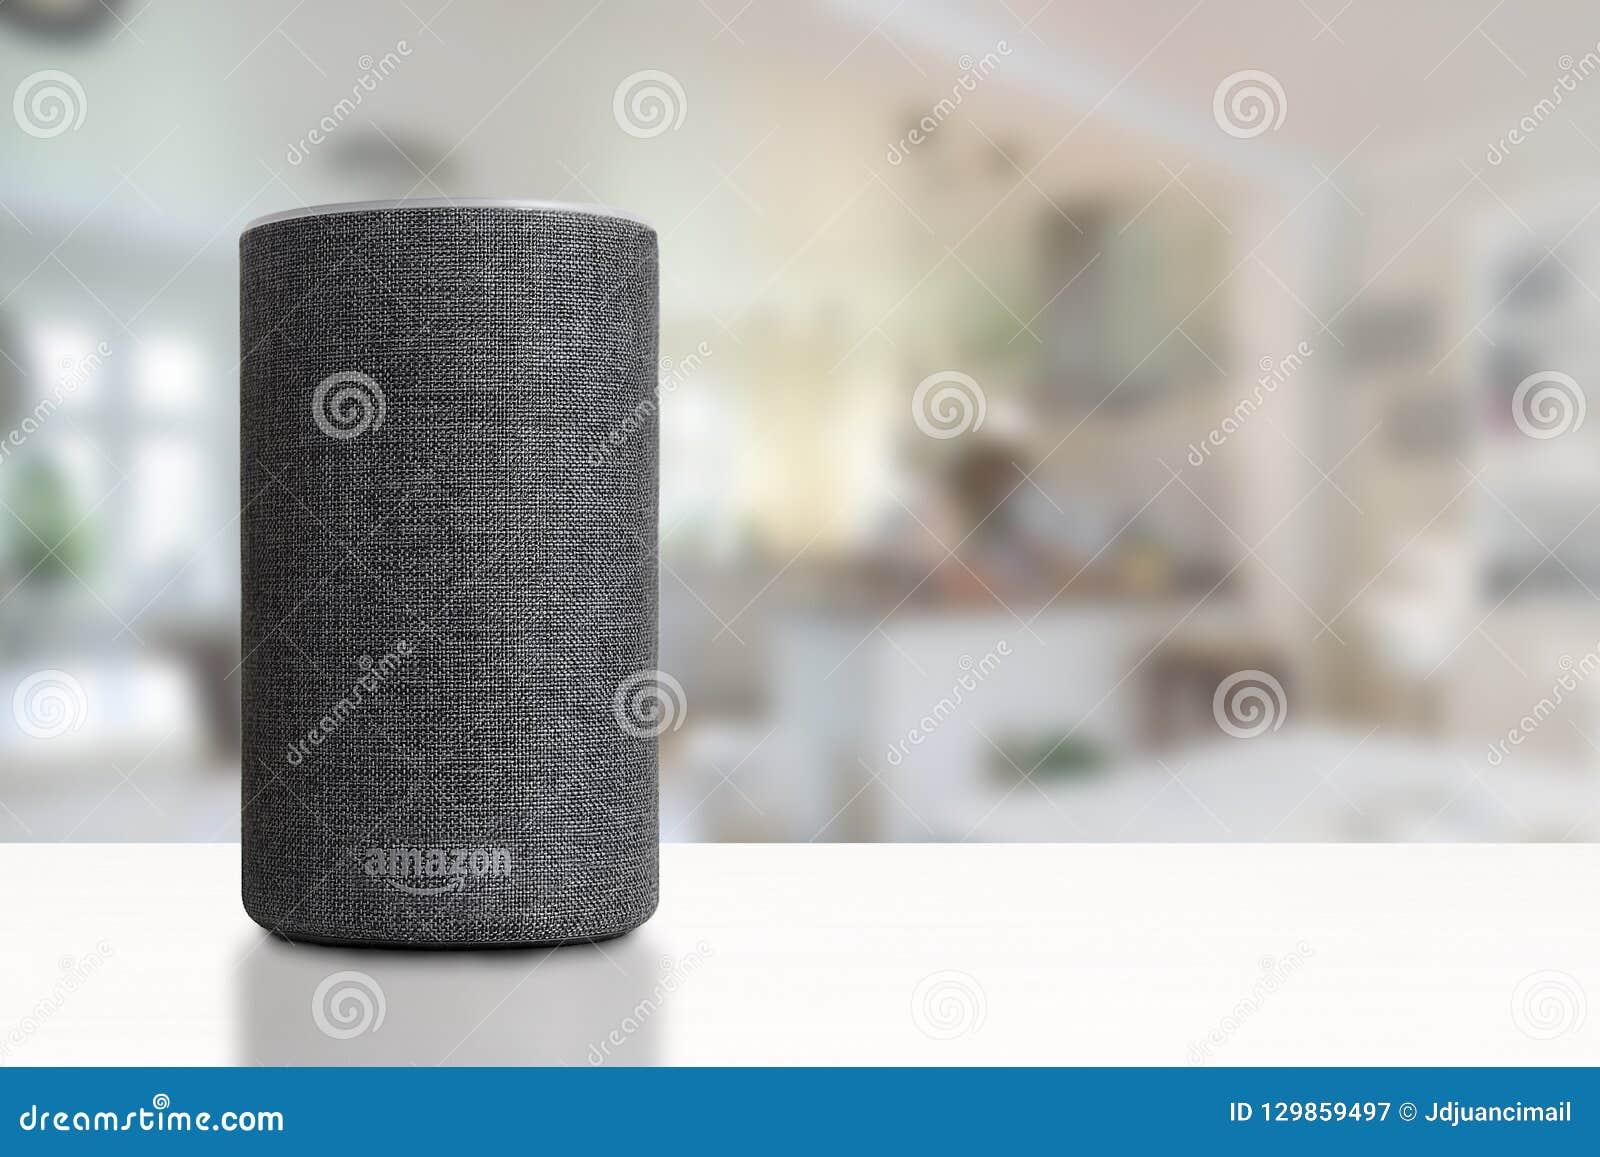 BARCELONA - OKTOBER 2018: De Dienst van Amazonië Echo Smart Home Alexa Voice in een woonkamer